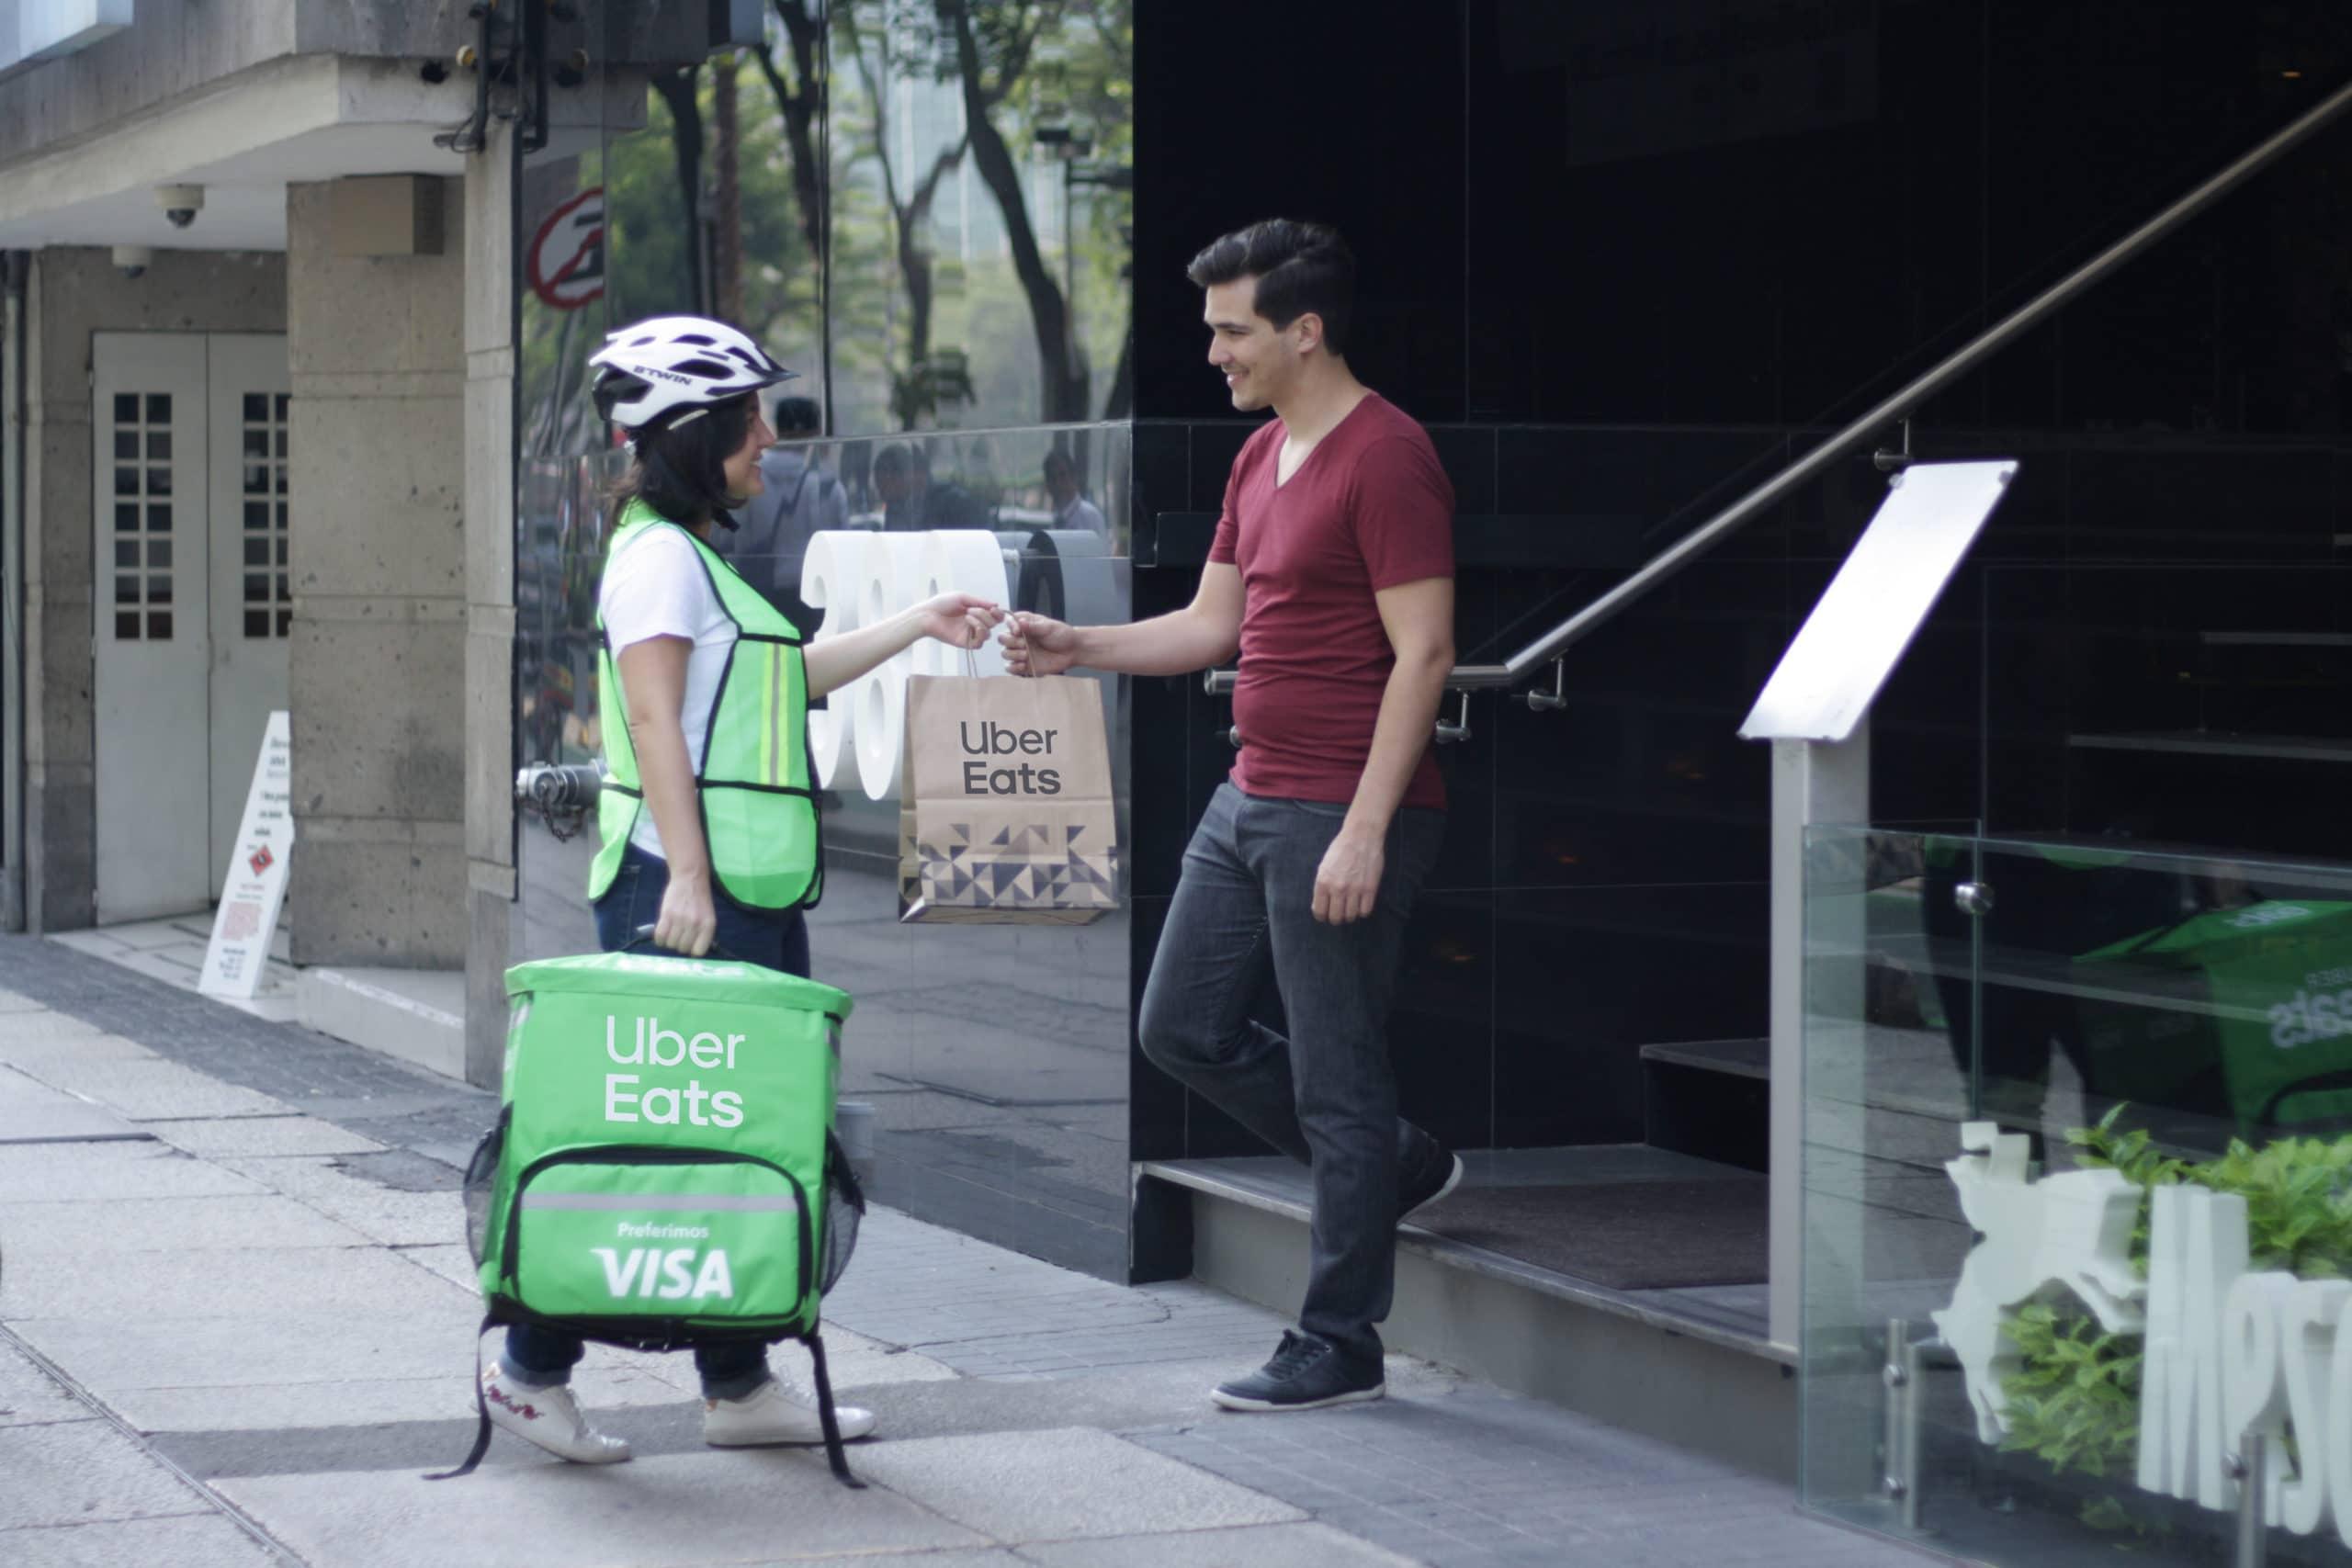 Uber Eats dará envíos gratis a pequeños negocios por COVID-19